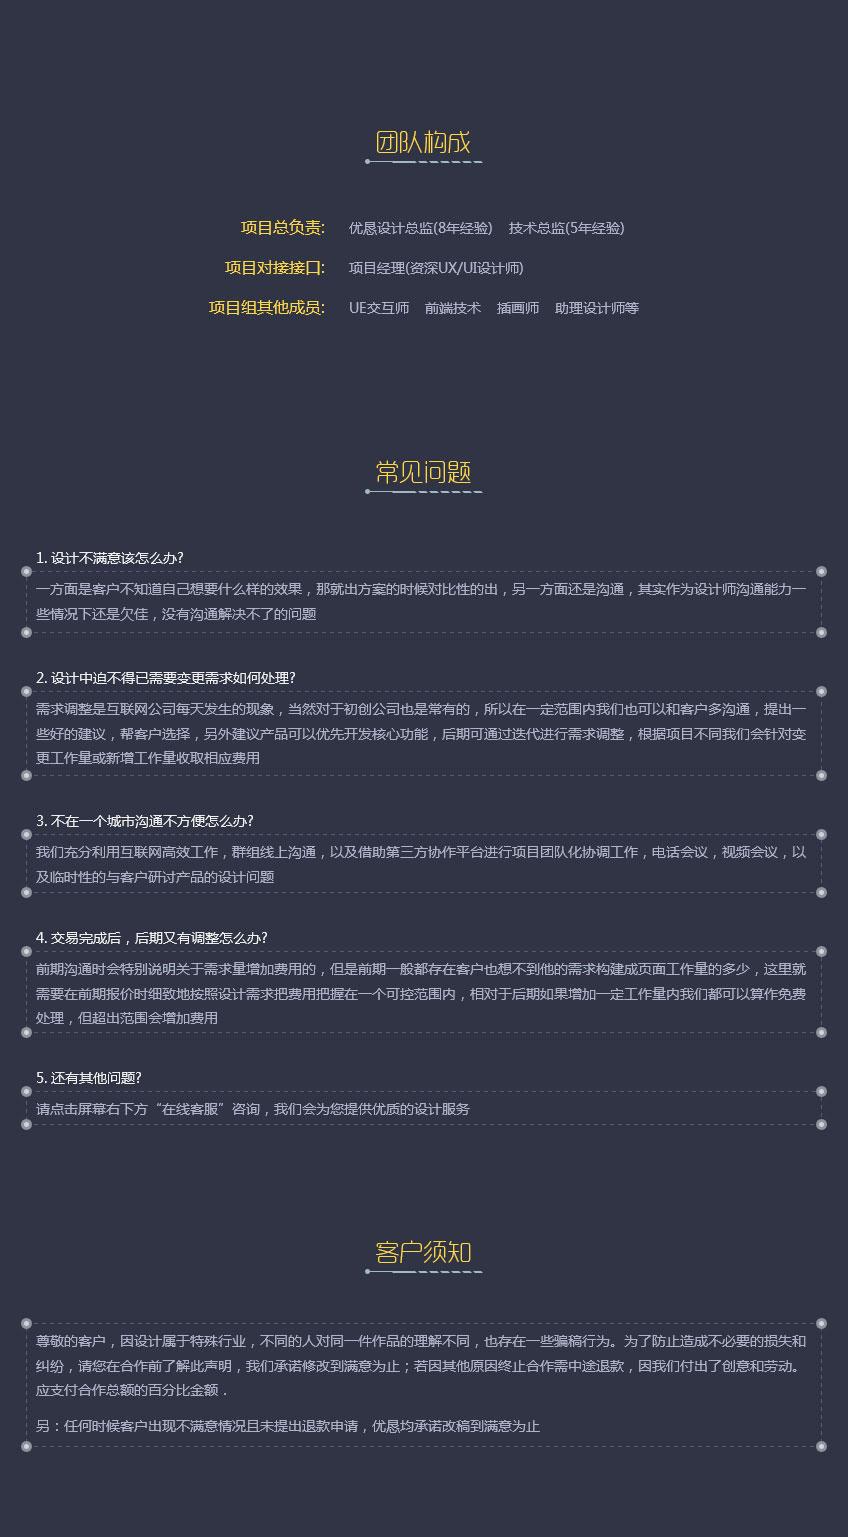 游戏UI设计_游戏美术设计/游戏UI/游戏界面/小程序游戏/ 棋牌游戏界面14